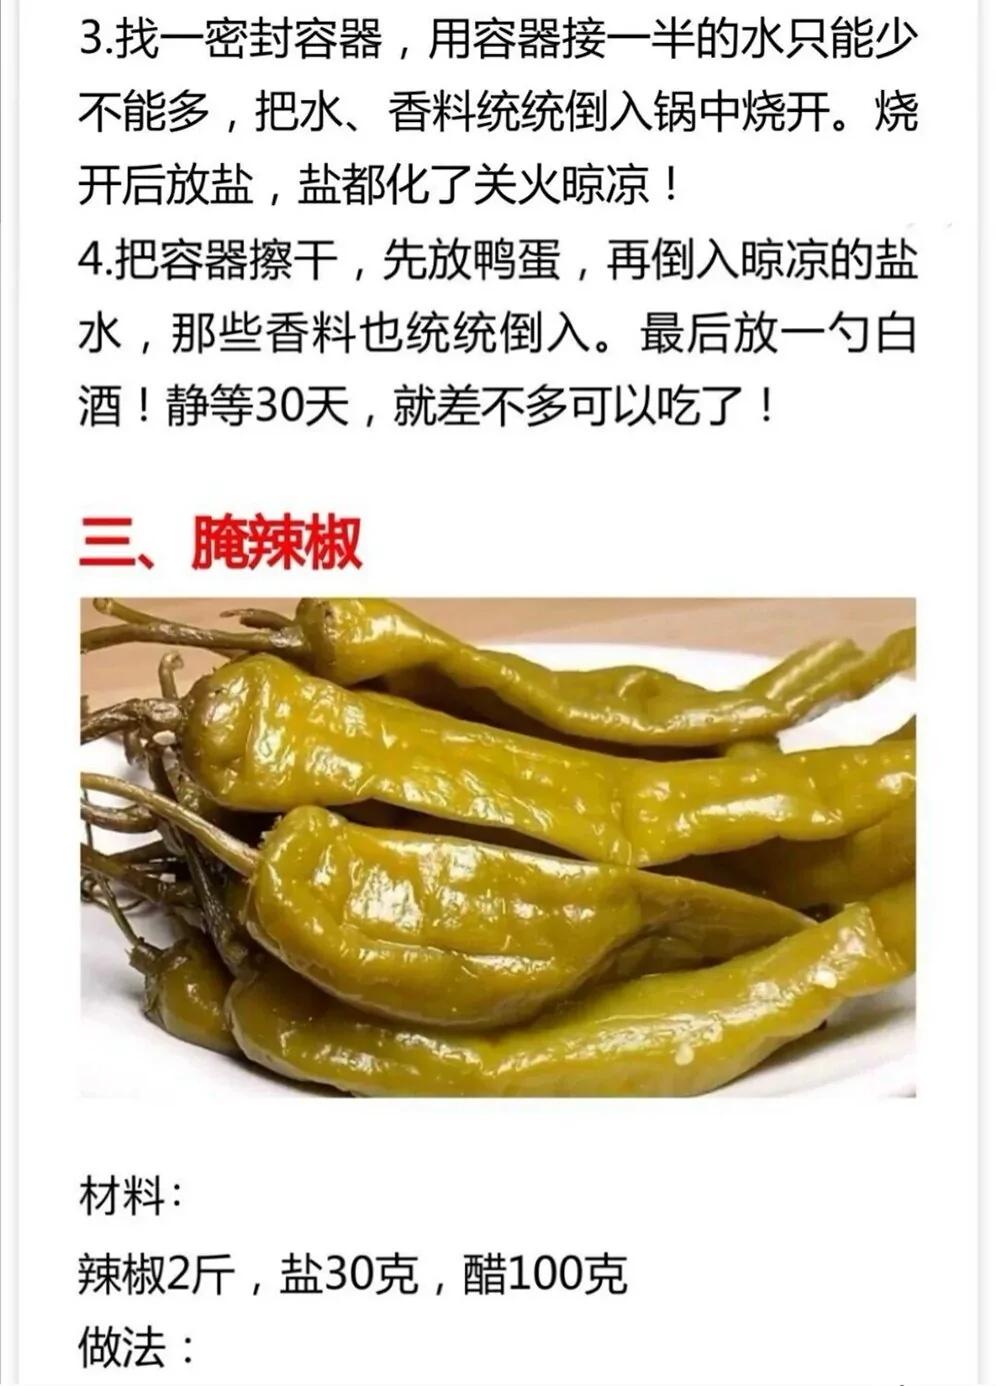 咸菜做法及配料 美食做法 第4张